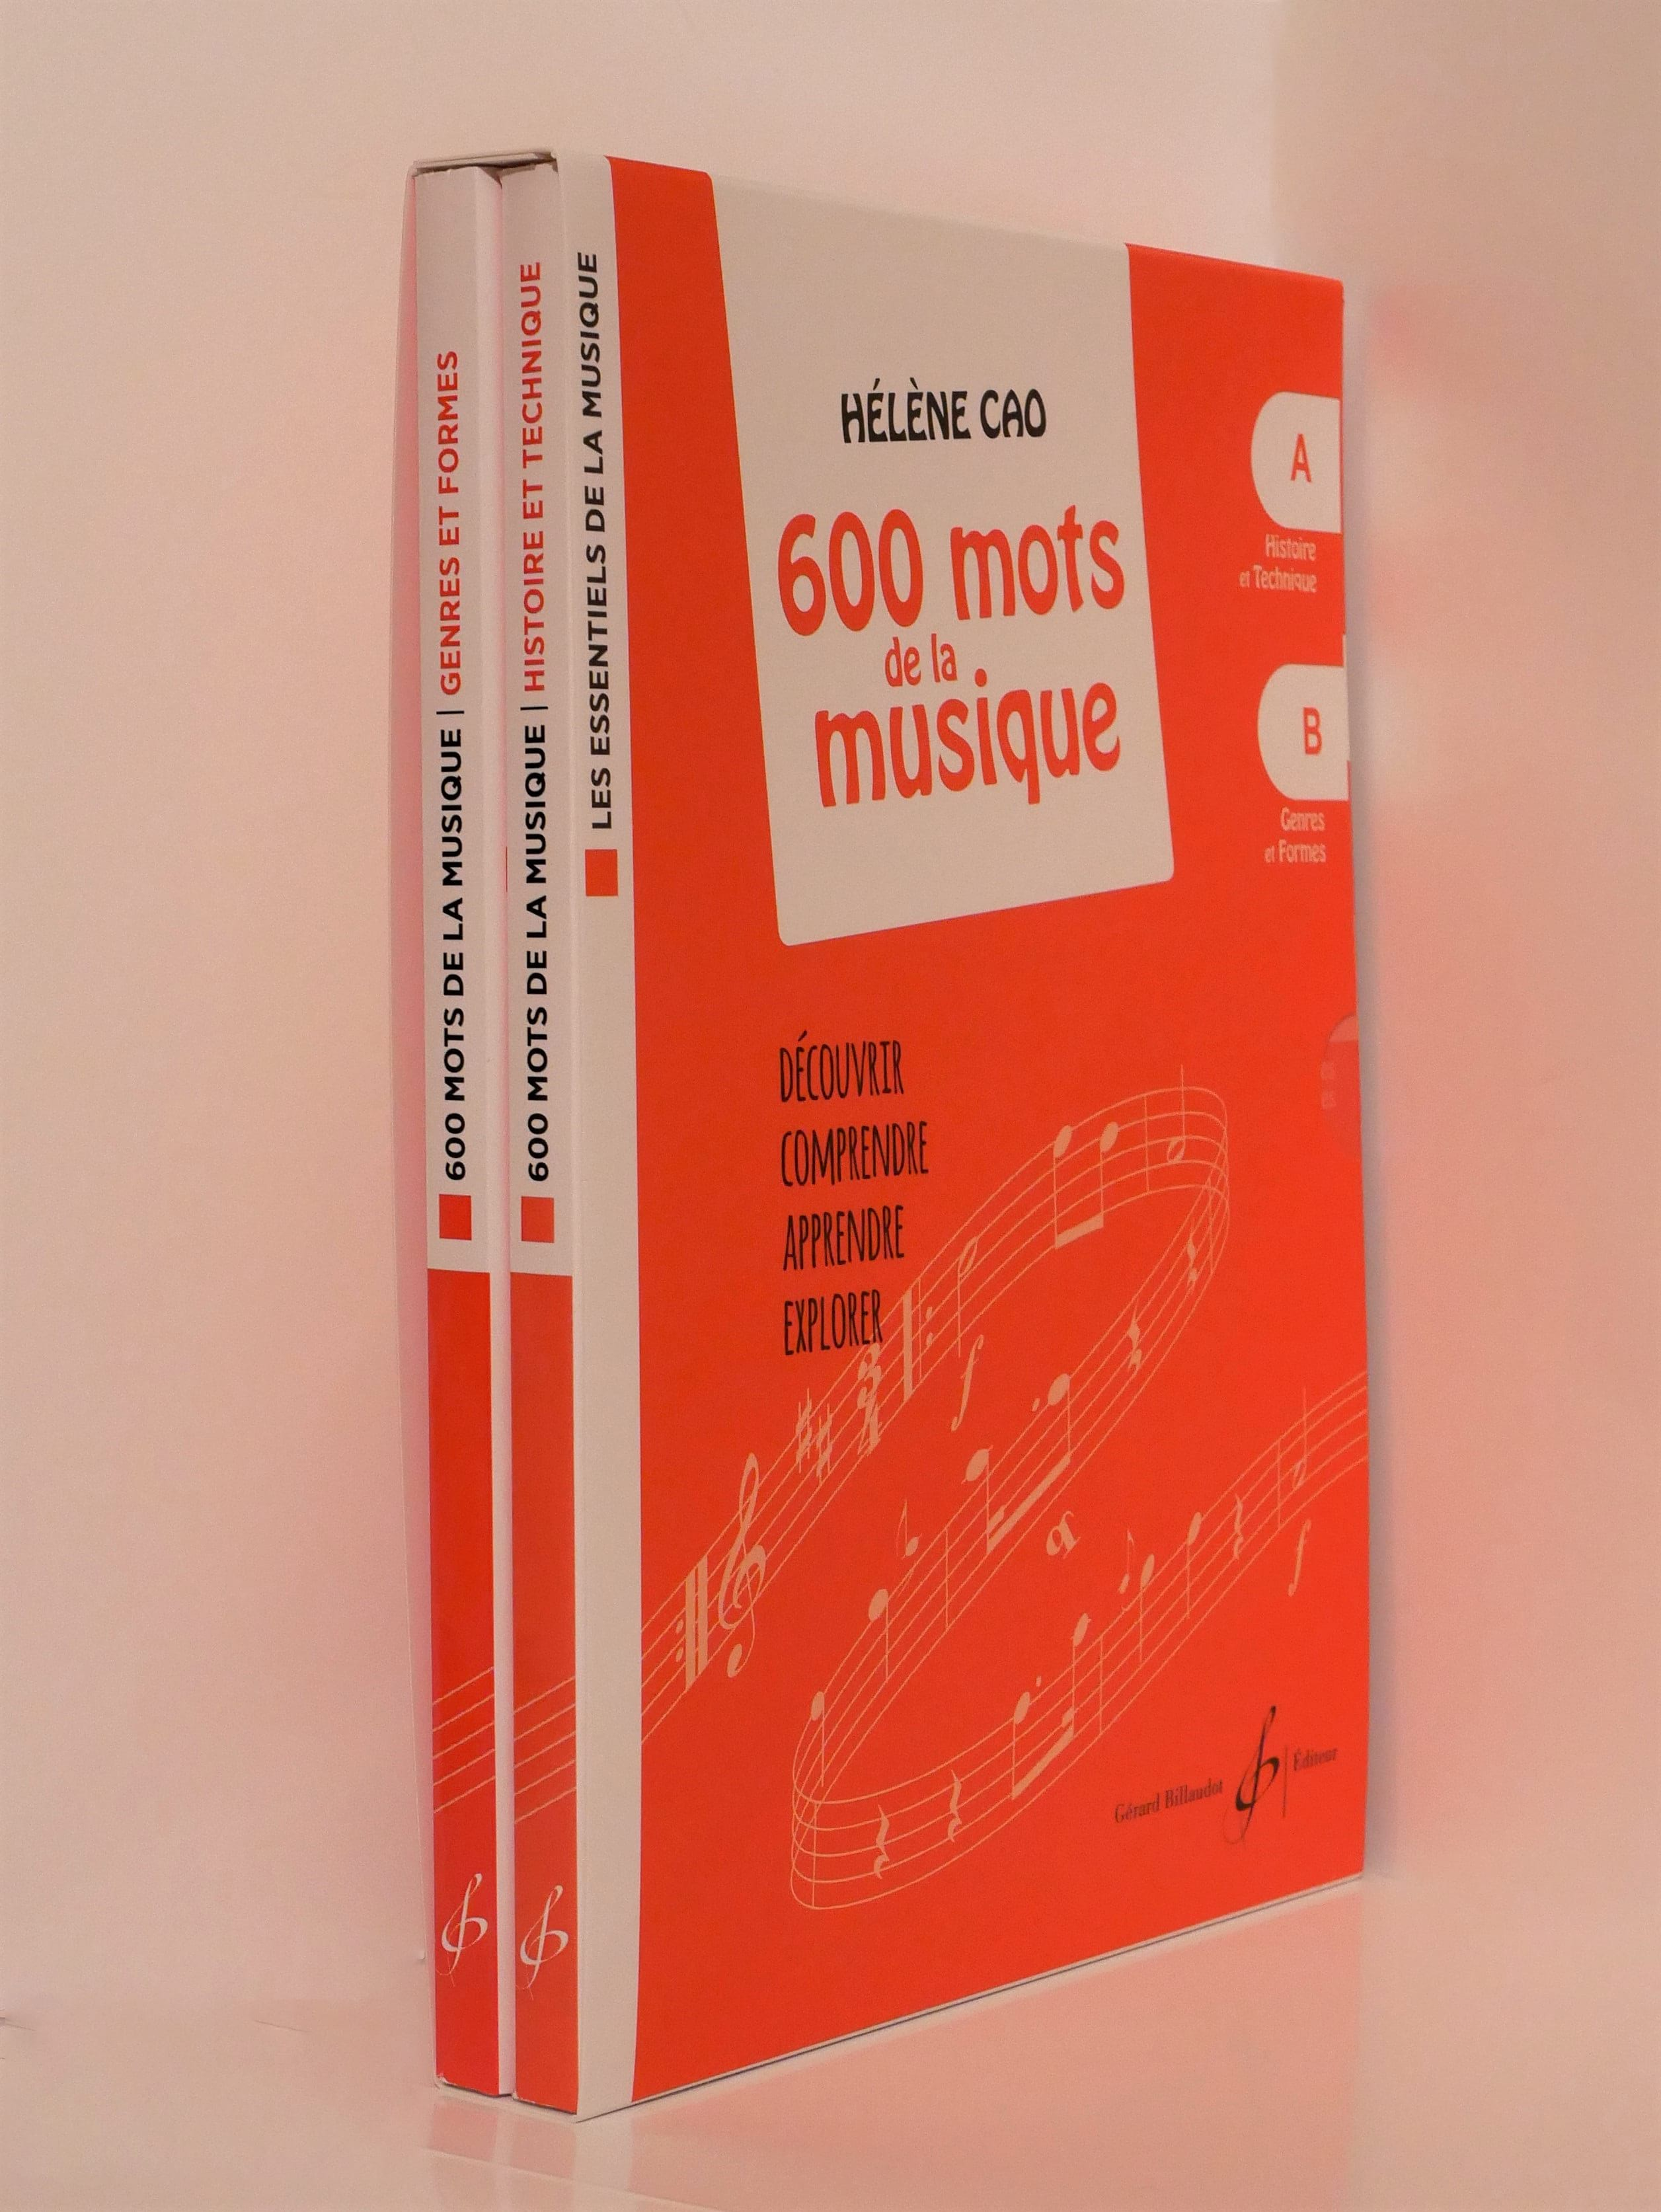 COFFRET - 600 Mots de la Musique - Hélène Cao - laflutedepan.com